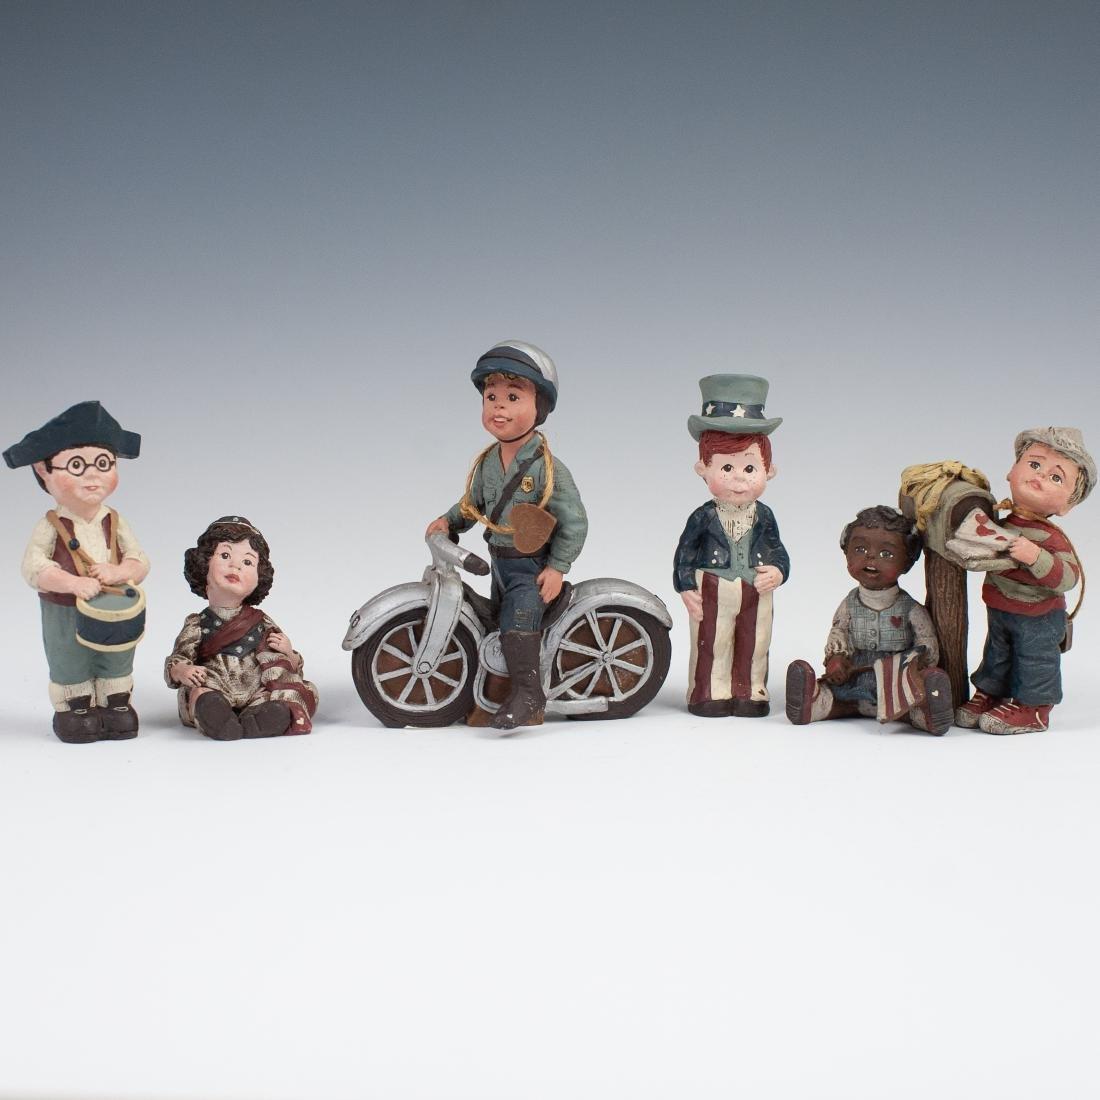 (5) Sarah's Attic Figurines